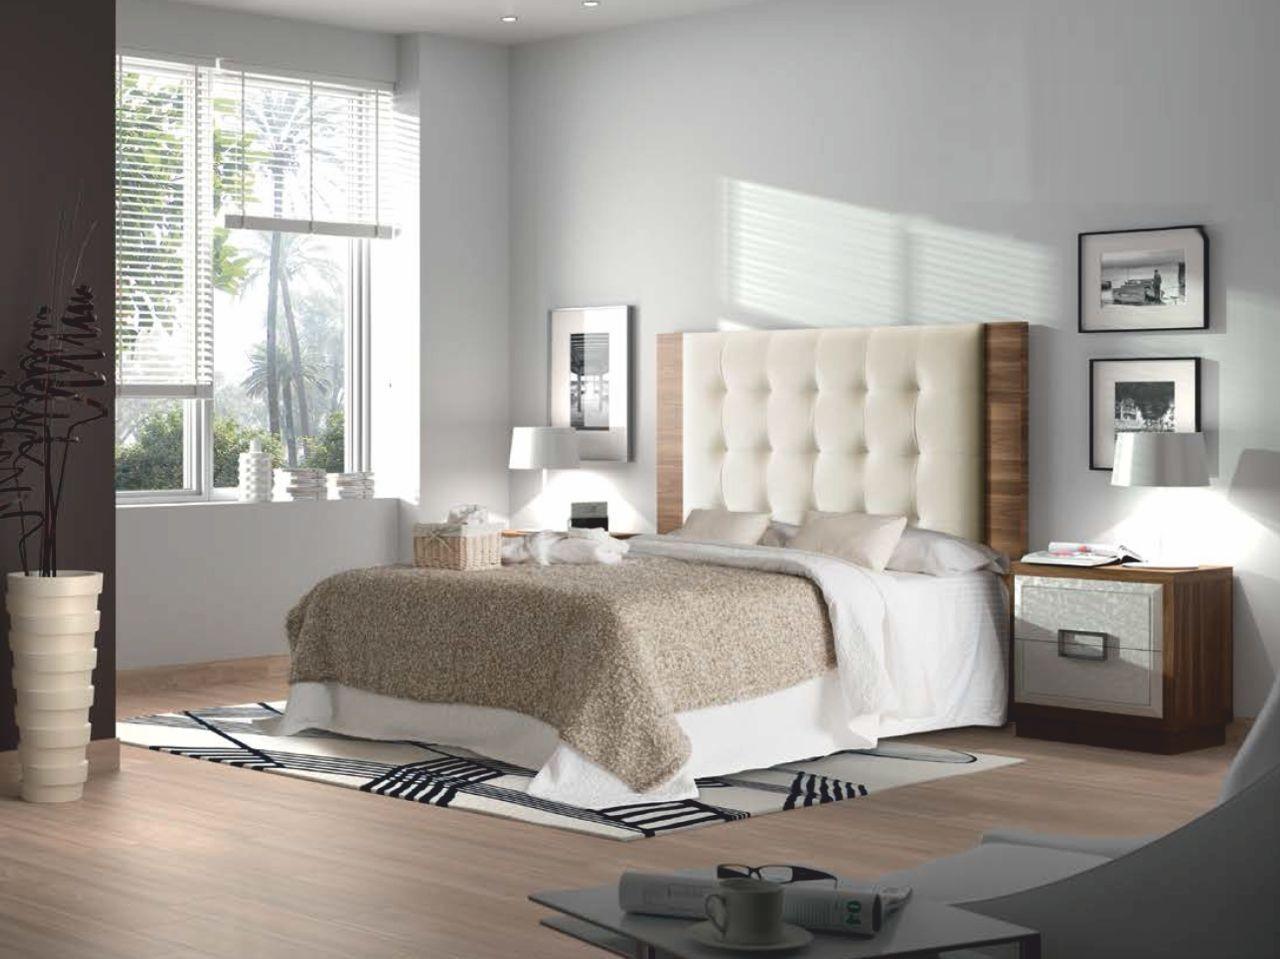 Dormitorio matrimonio nogal natural y Frentes en lacados